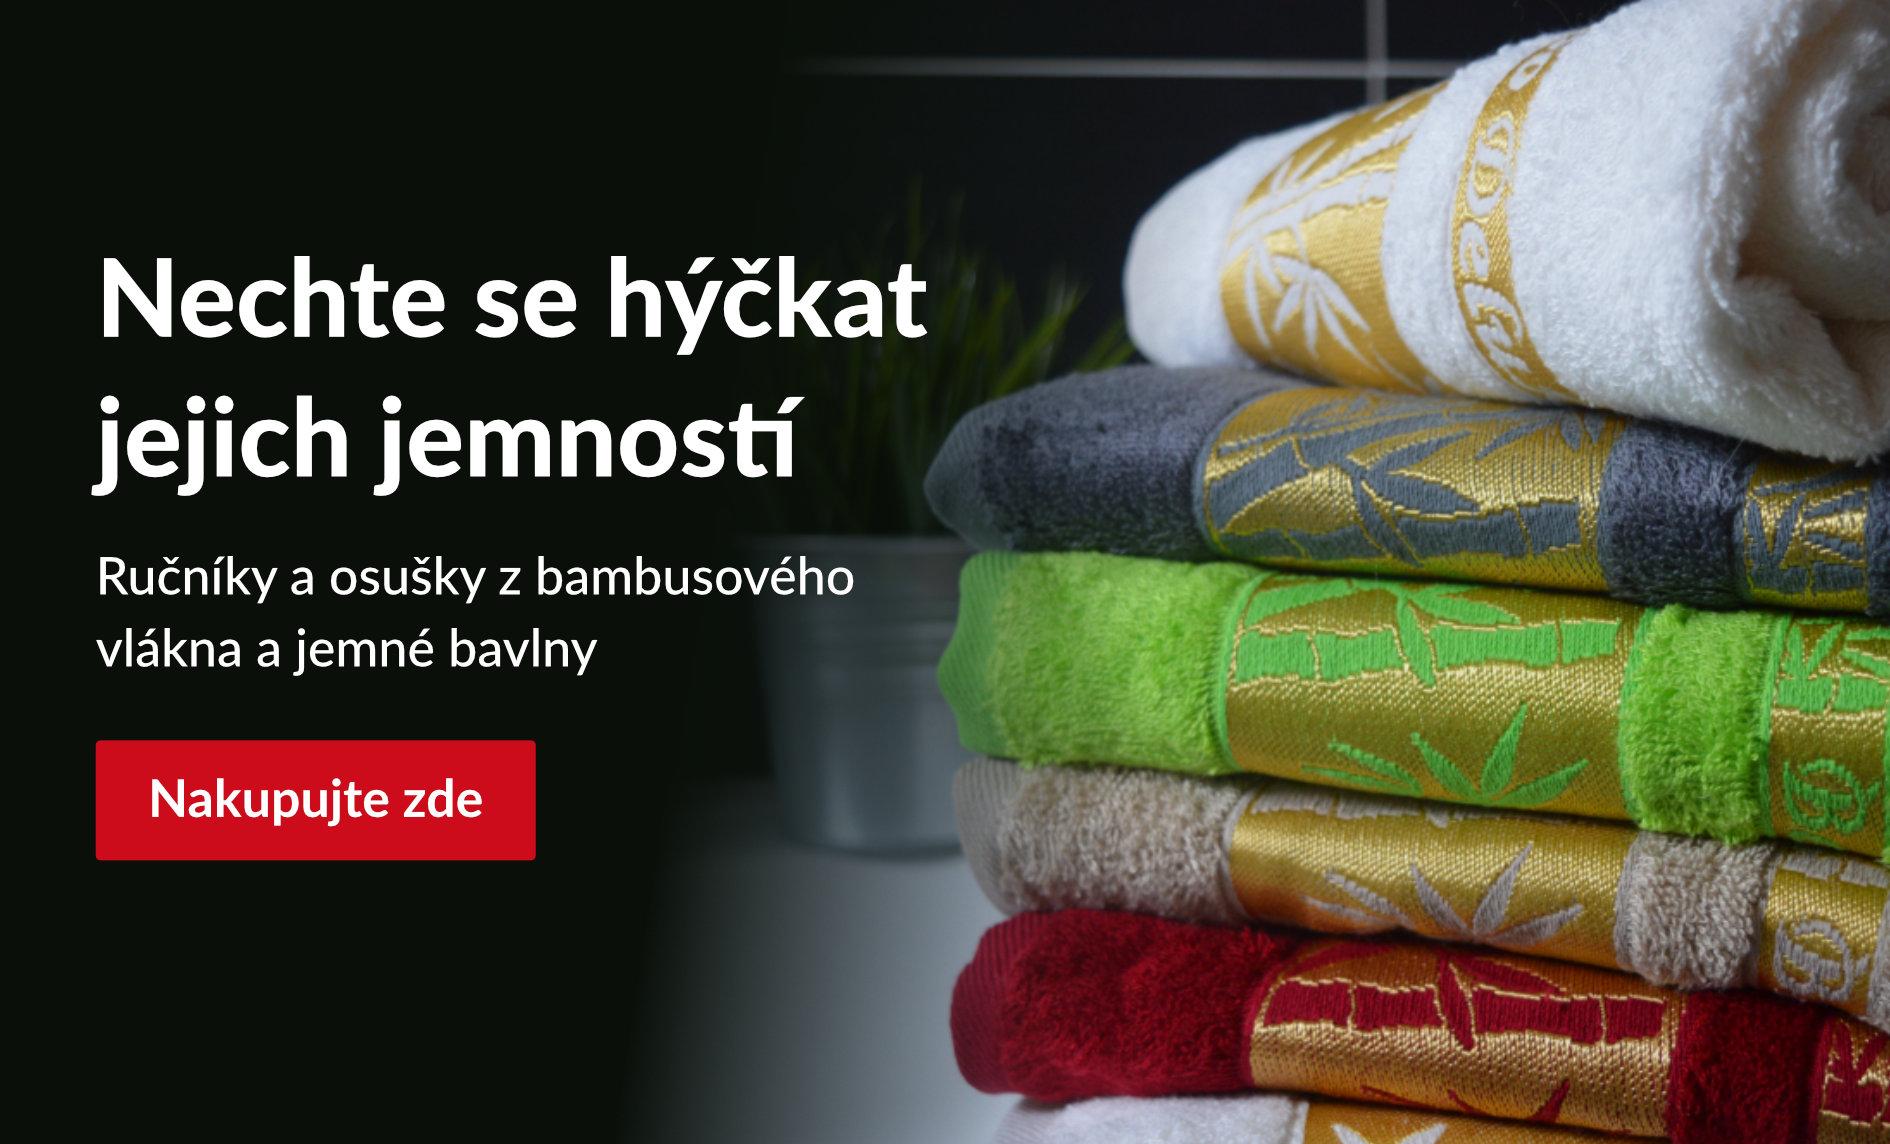 Bambusové ručníky a osušky za výjimečné ceny